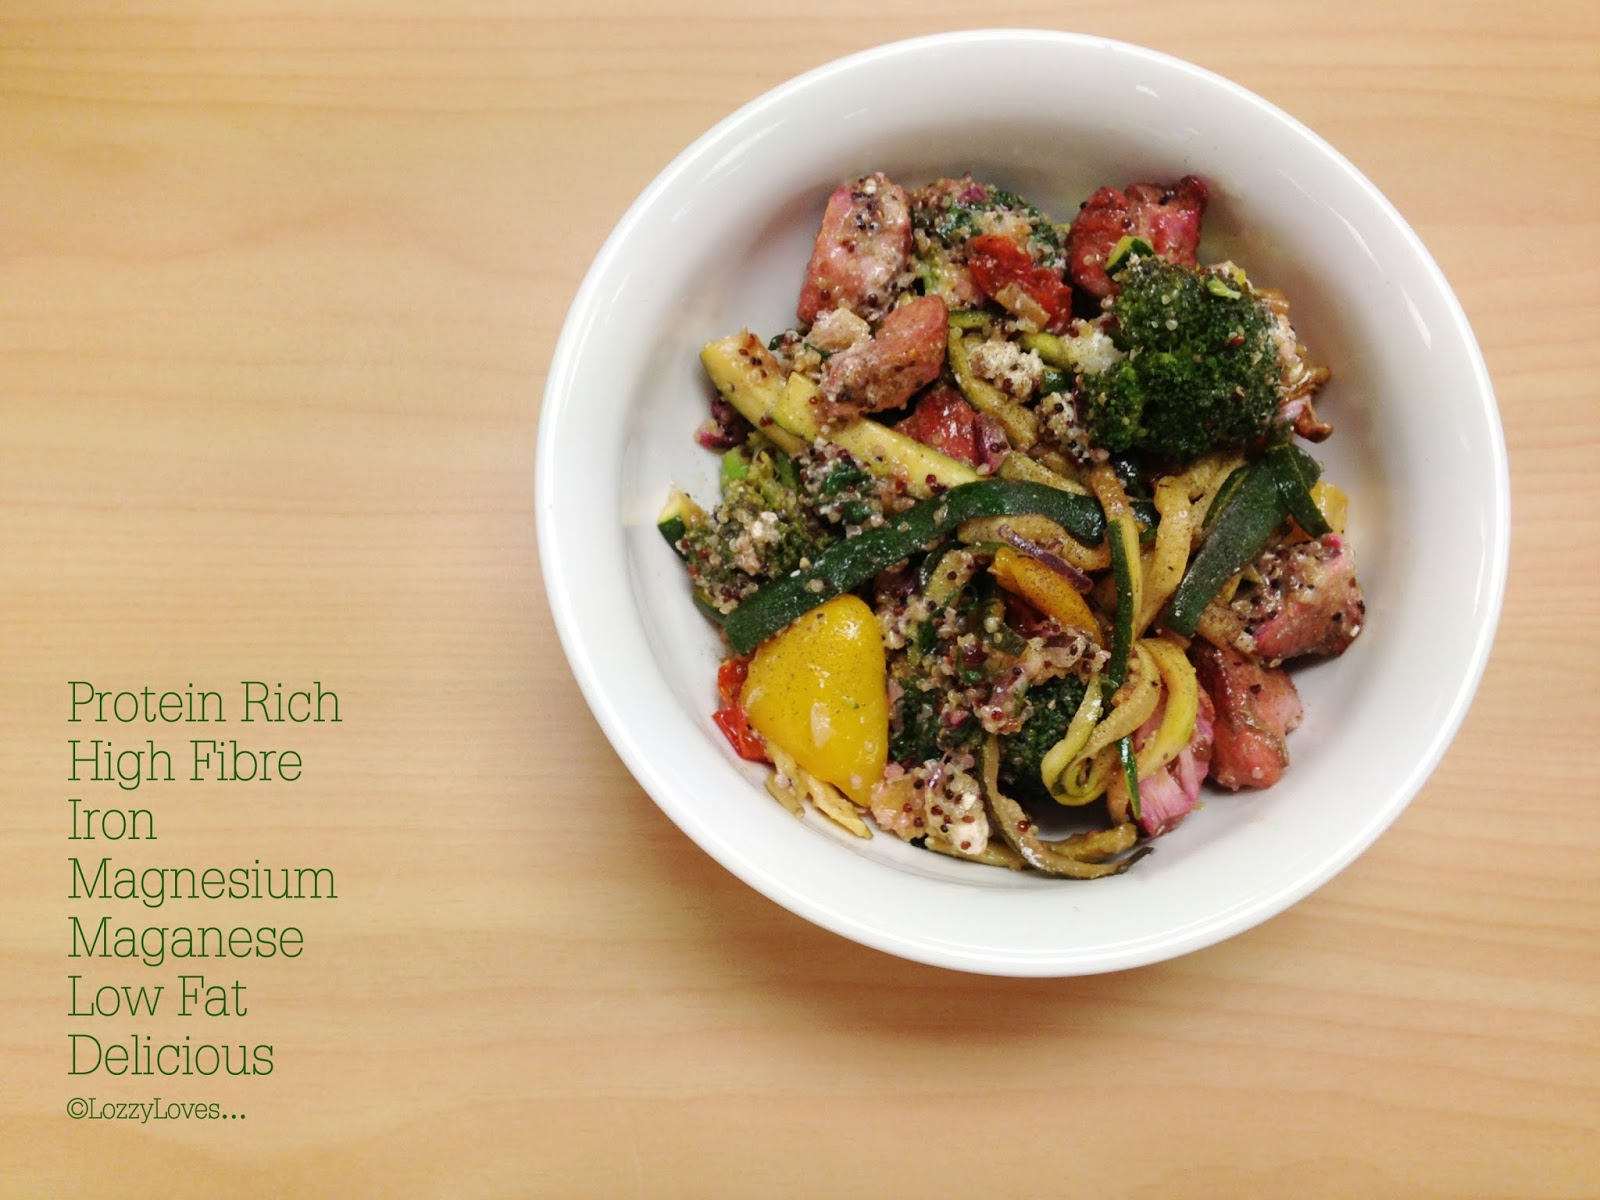 Lozzy Loves…: Roast Vegetable, Chicken & Quinoa Salad